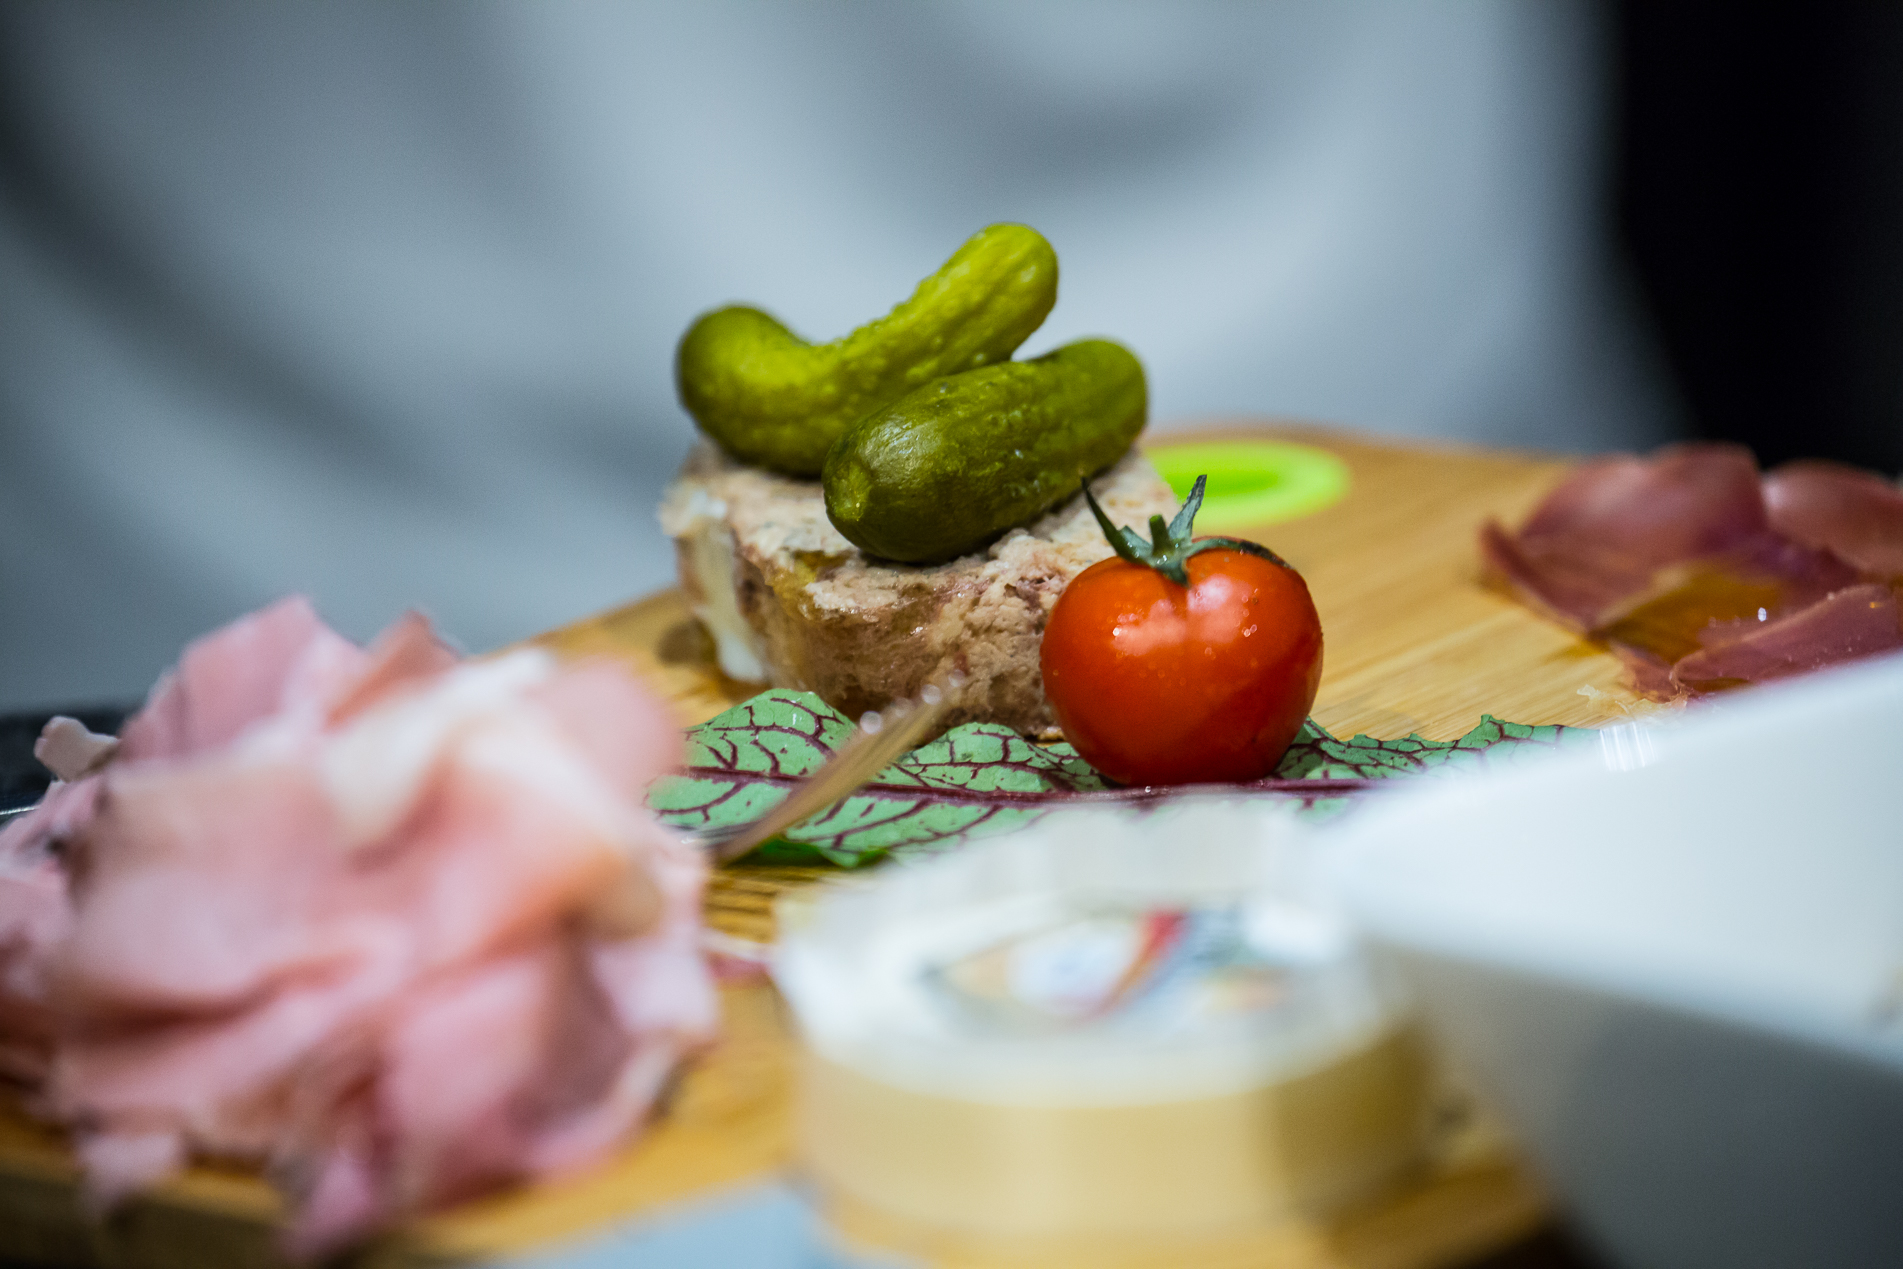 Photo culinaire by Alain Reynaud